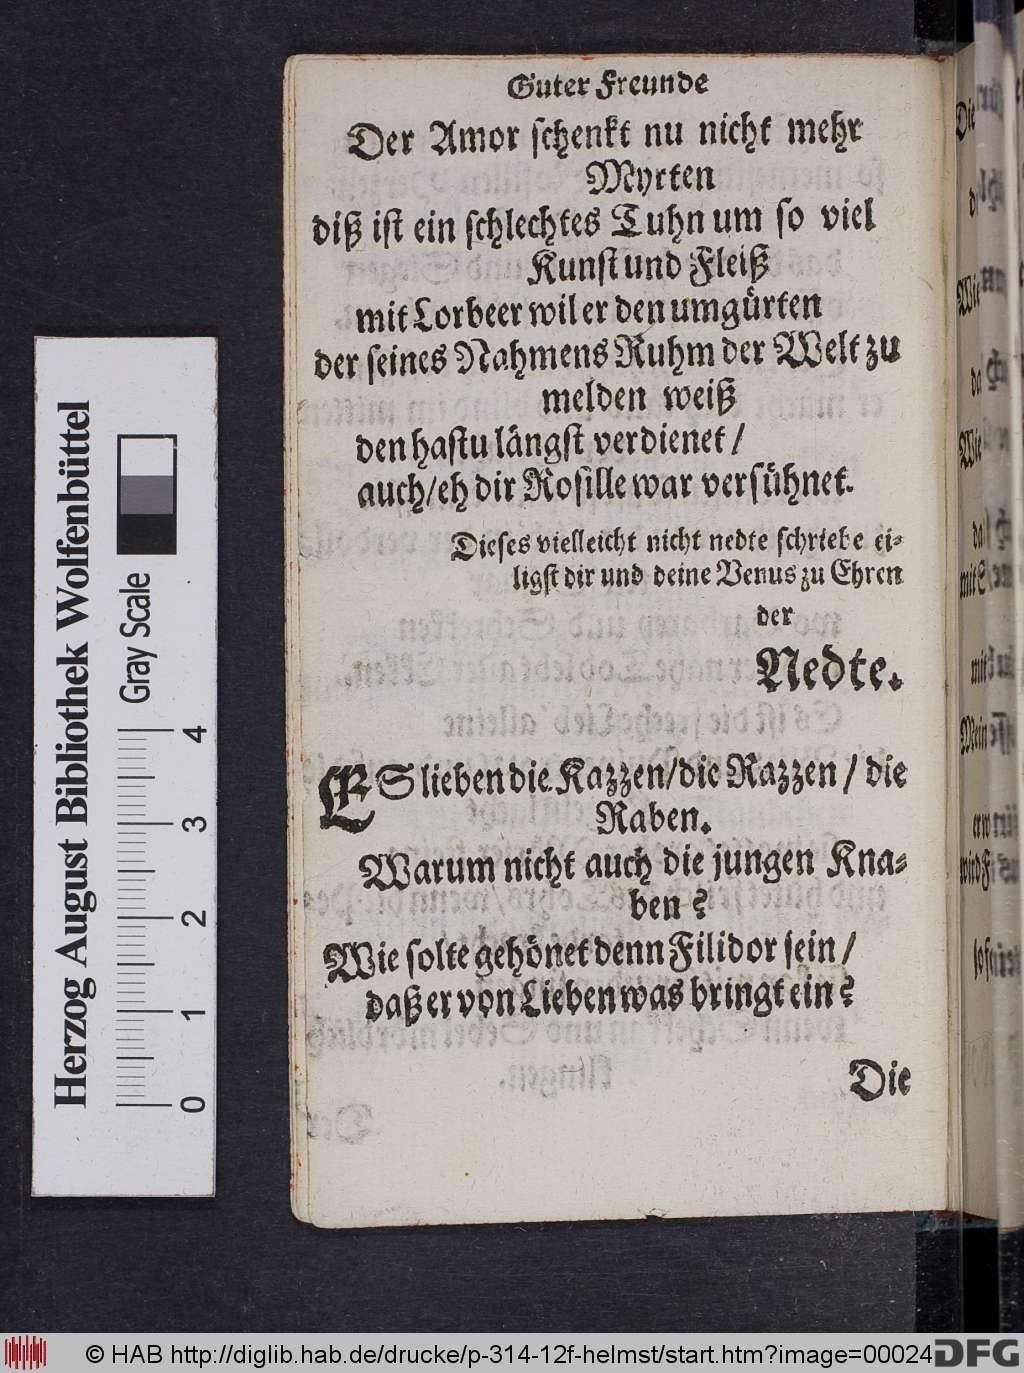 http://diglib.hab.de/drucke/p-314-12f-helmst/00024.jpg